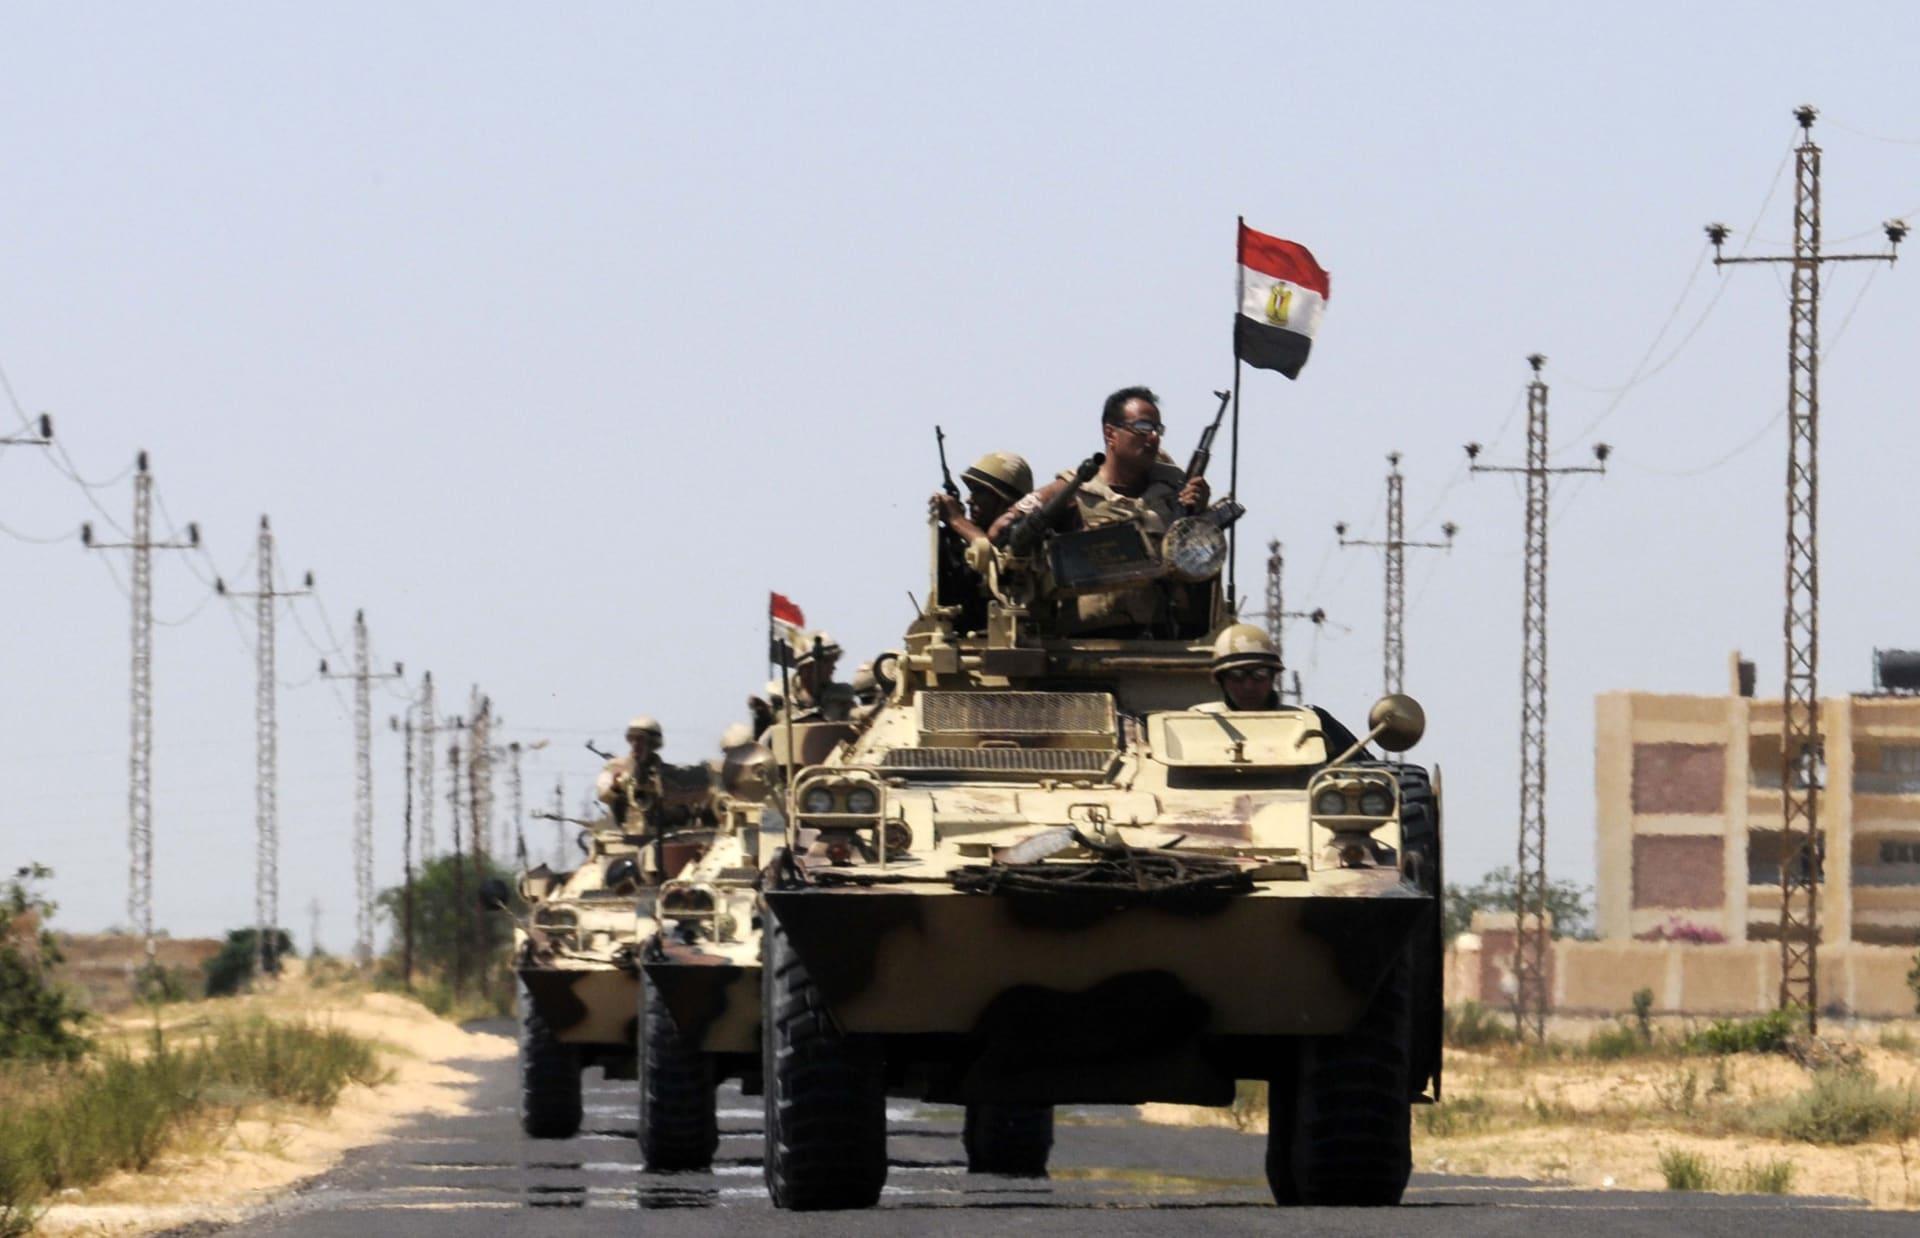 الجيش المصري جاهز دستورياً لدخول ليبيا.. وخبراء: الحرب ليست الخيار الأول